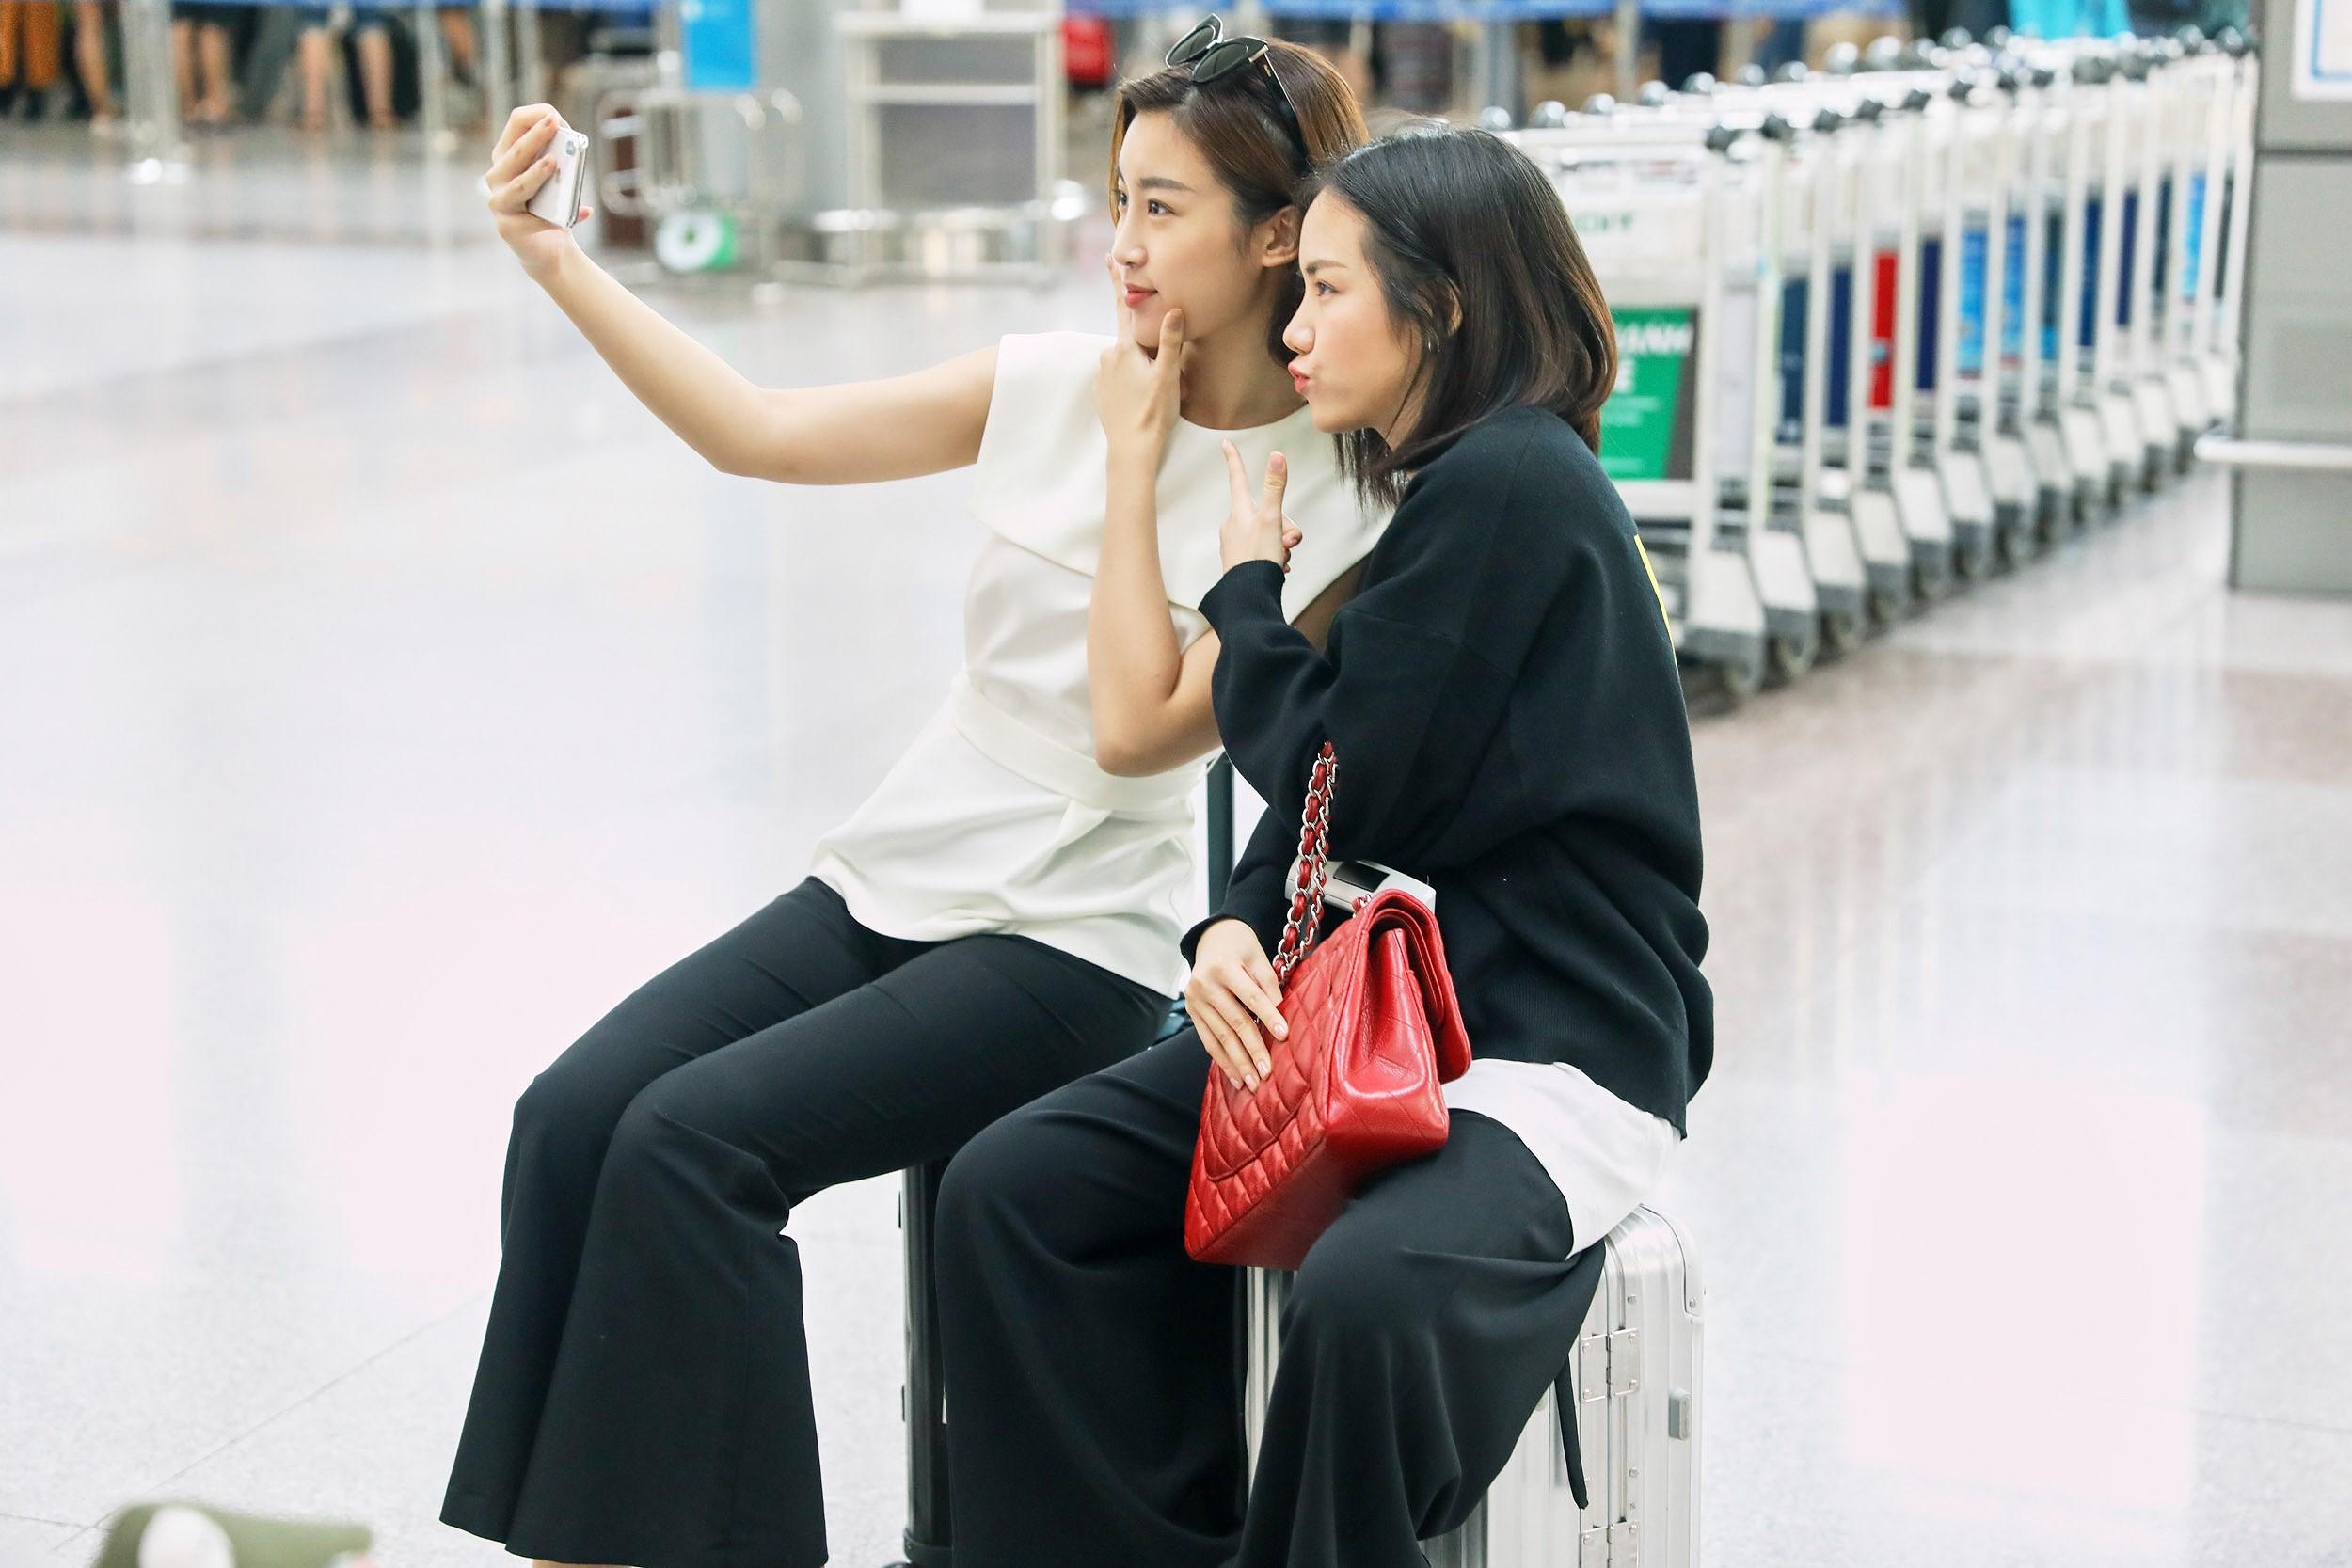 Hoa hậu Đỗ Mỹ Linh và Phương Ly đọ mặt mộc xinh đẹp tại sân bay Ảnh 17